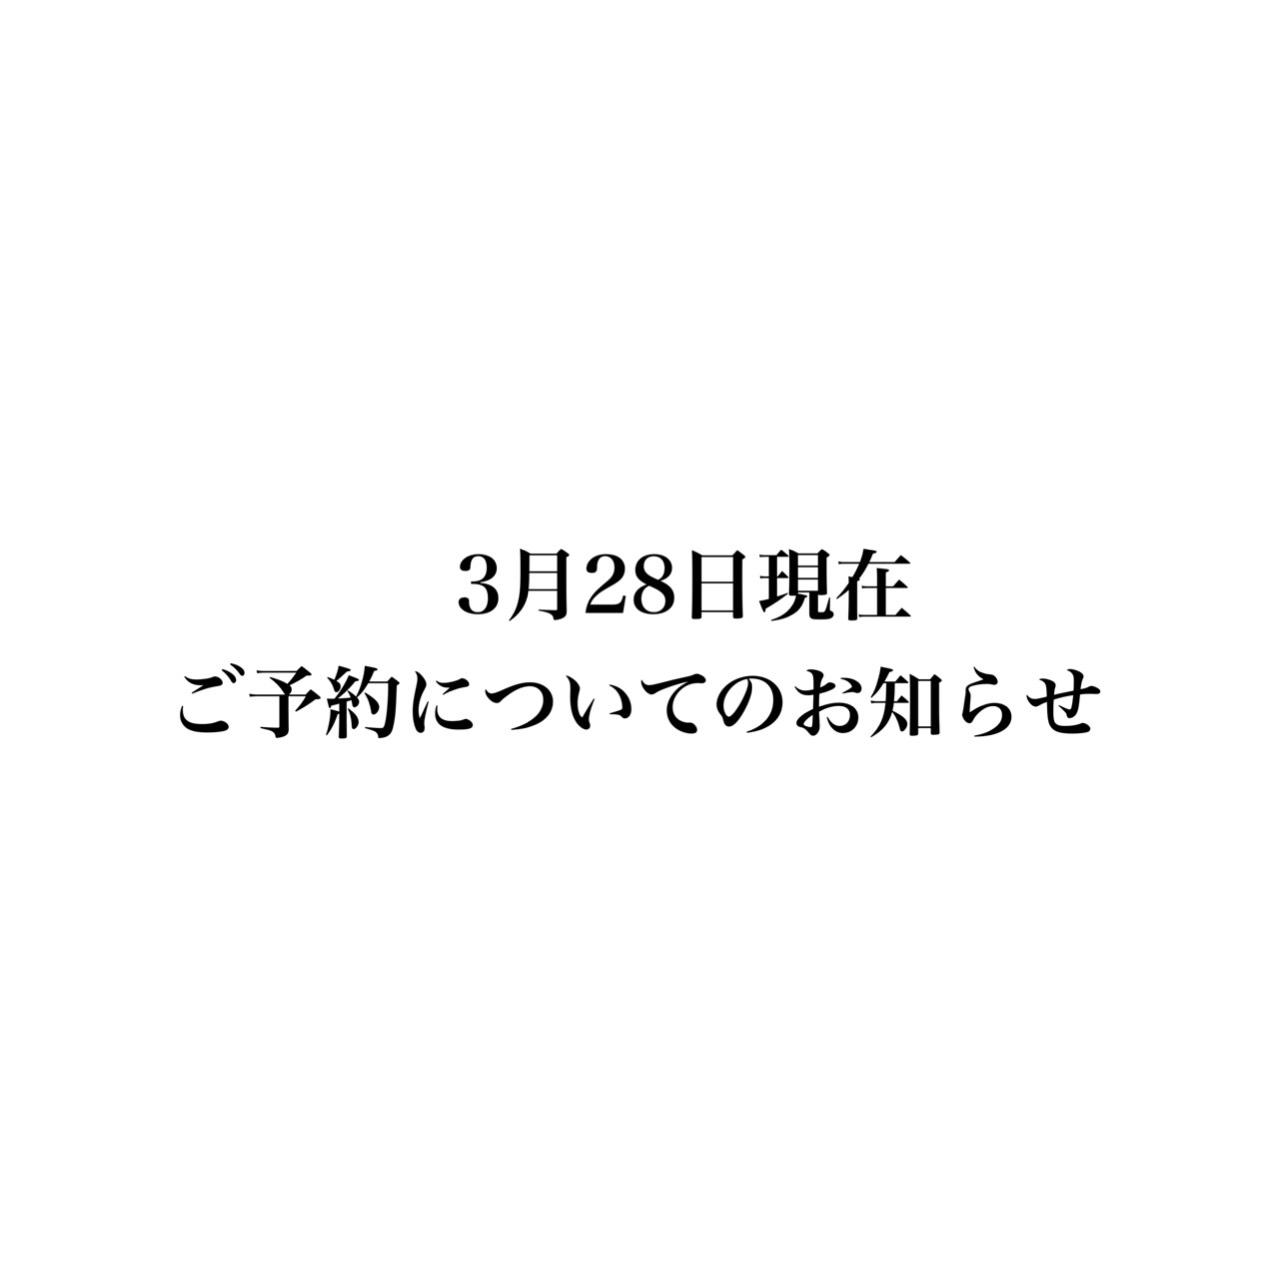 1729229F-5751-4EE8-85EC-1394D826D795